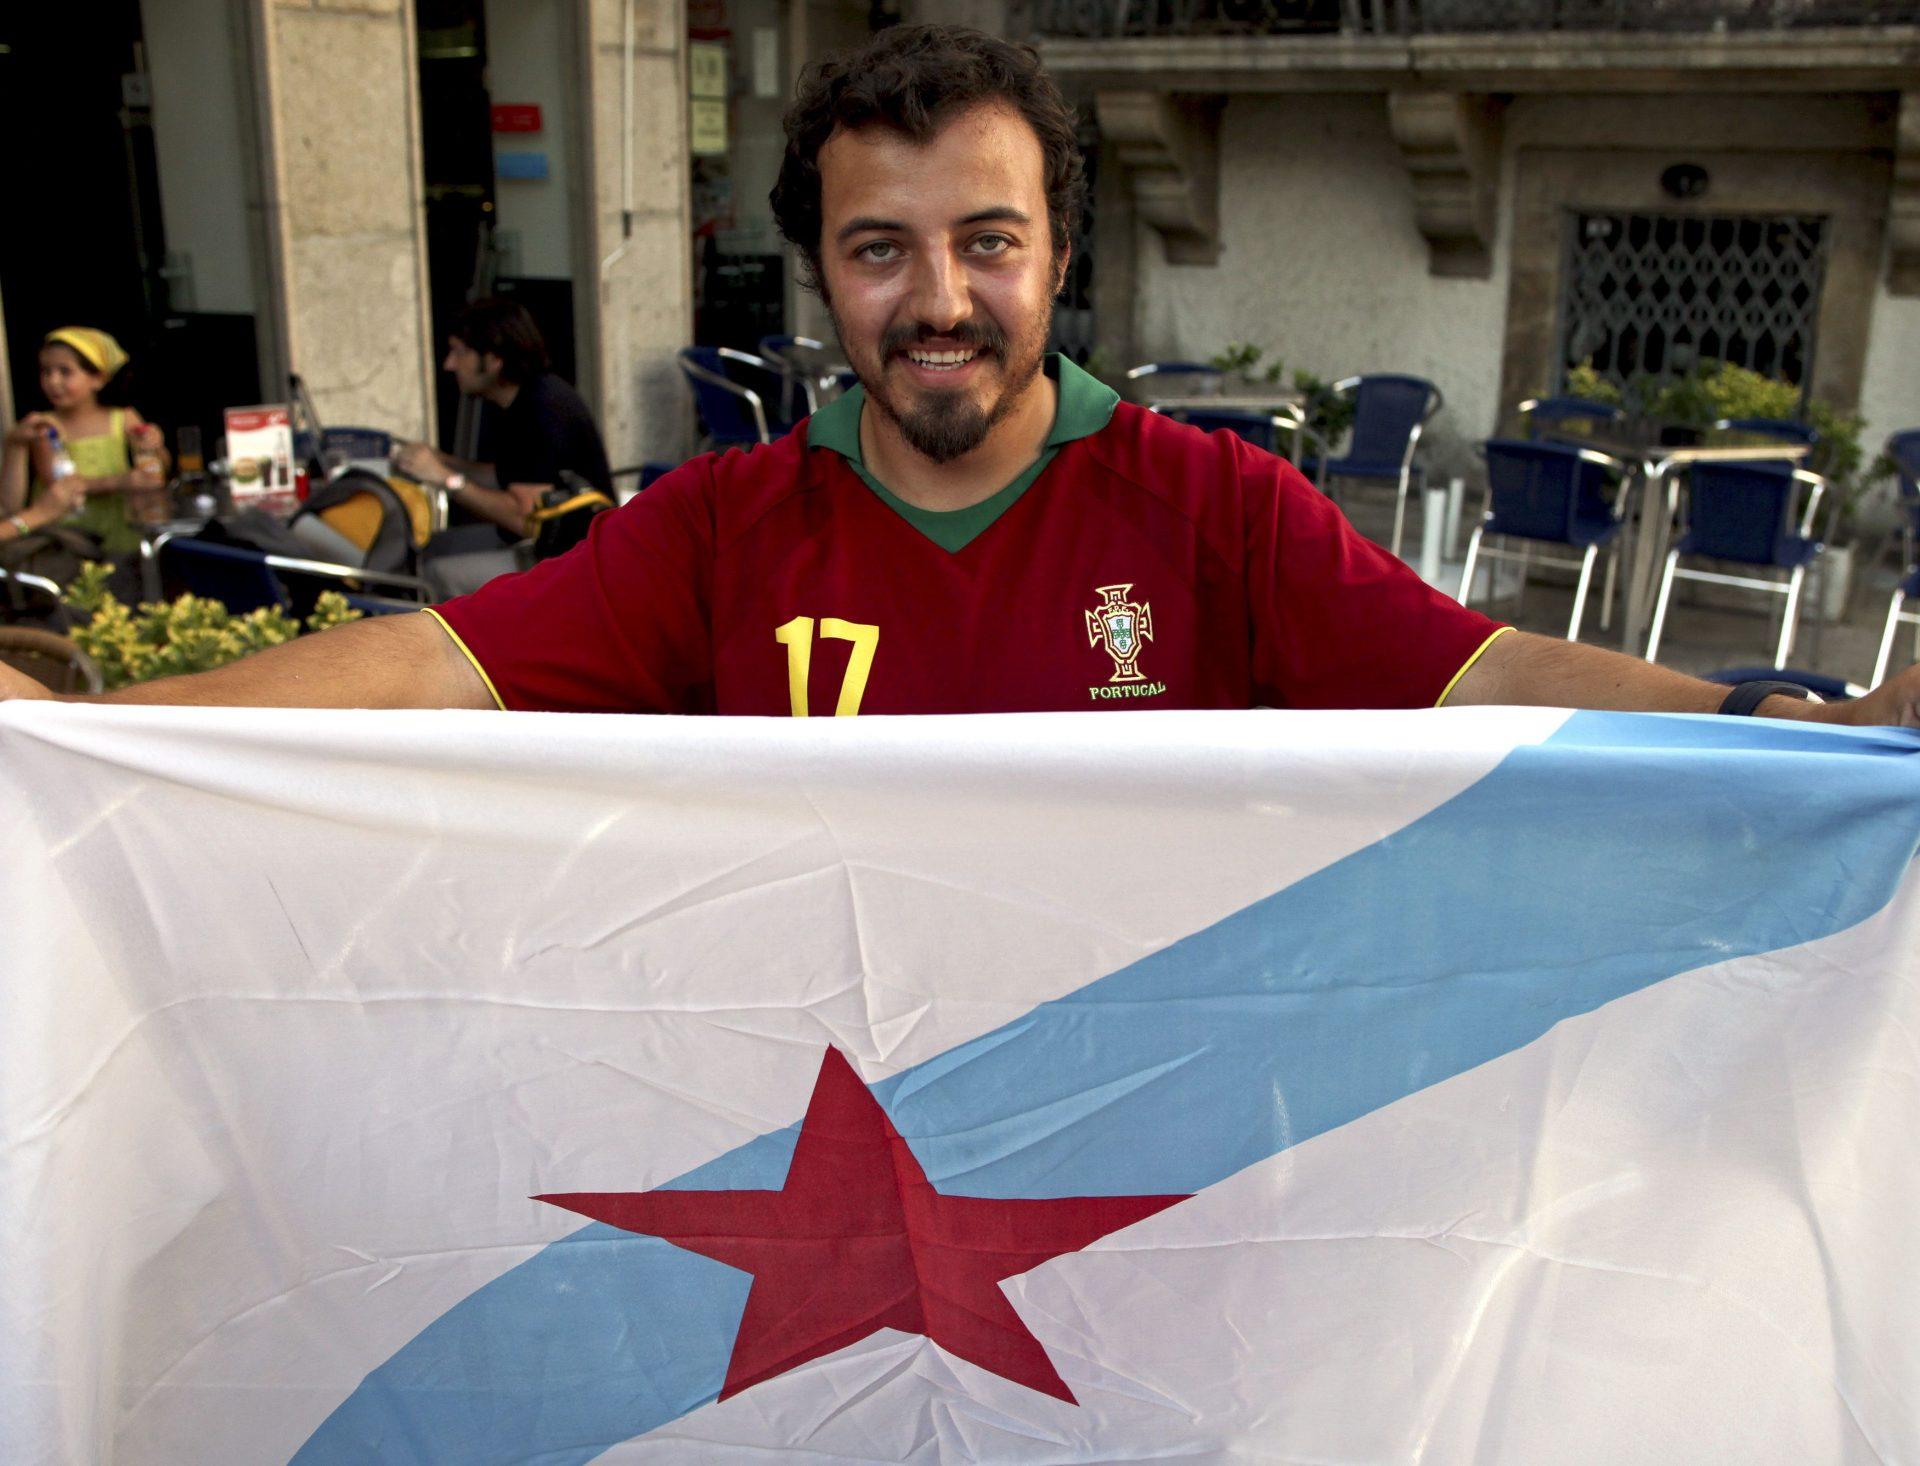 Um galego com a camisola de Portugal segura na bandeira da Galiza. Valença, 29 Junho 2010. JOSE COELHO/LUSA